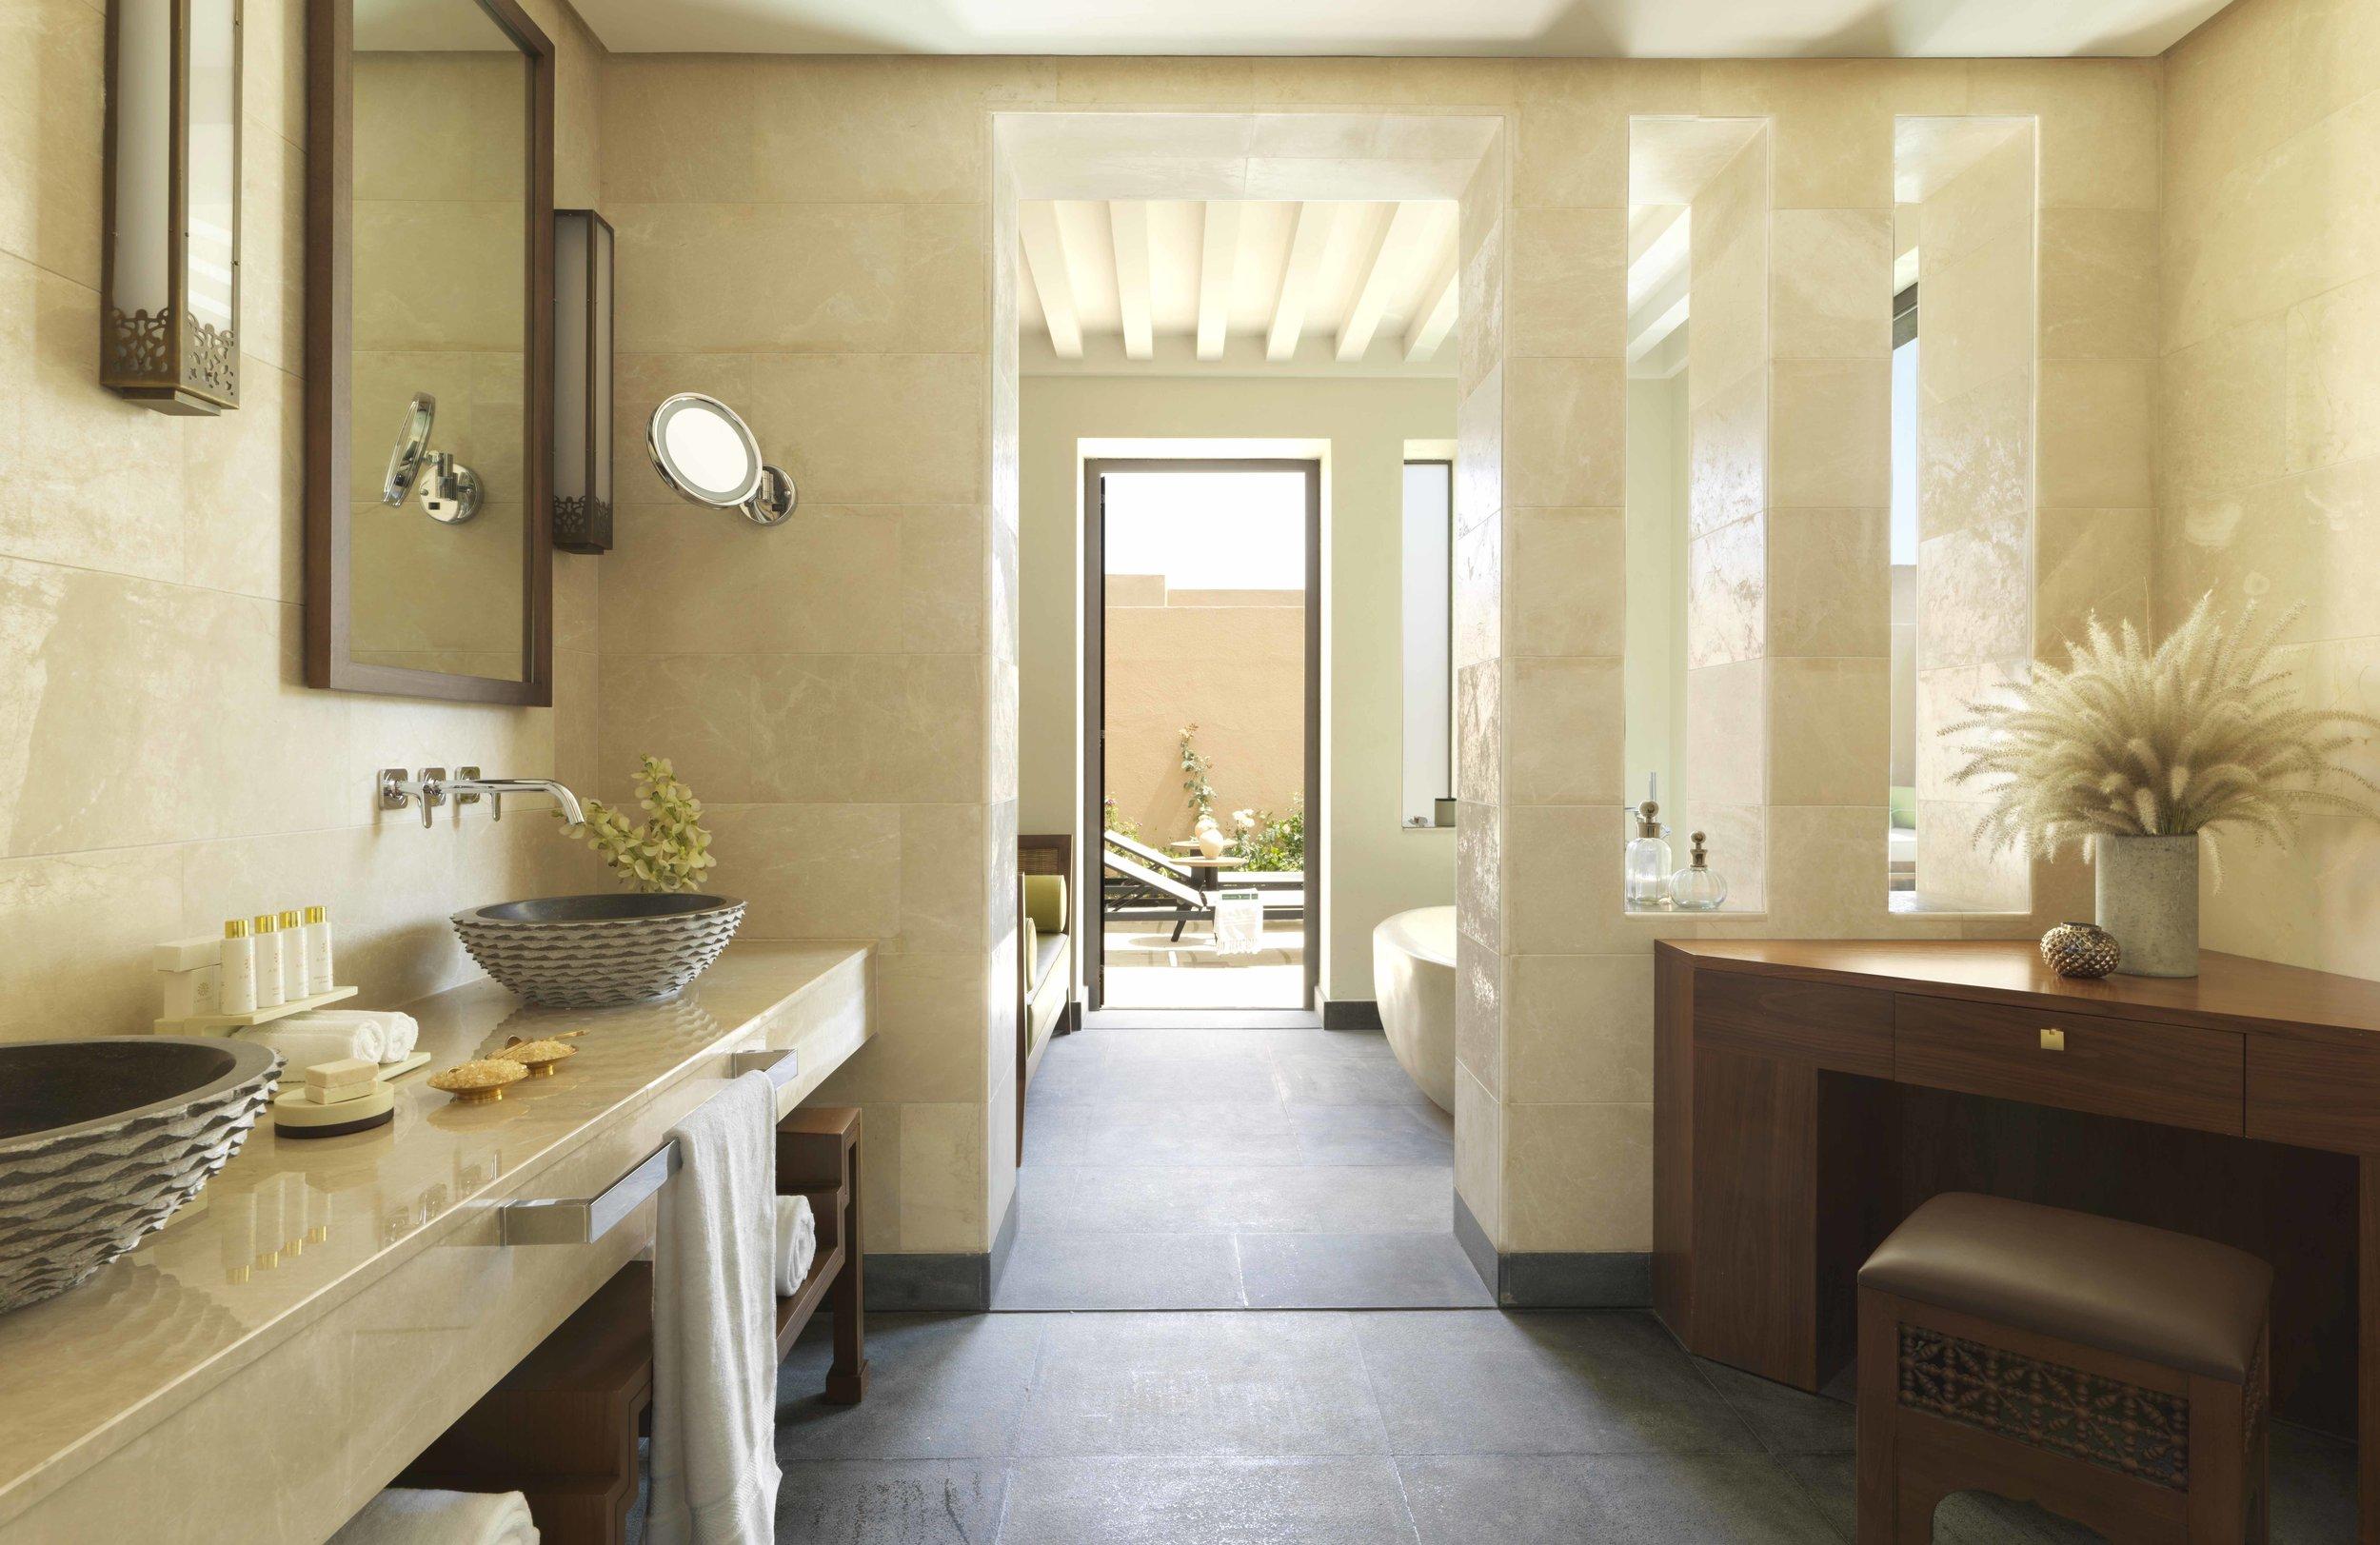 Anantara Al Jabal Al Akhdar Resort - One Bedroom Garden Pool Villa Bathroom 02.jpg